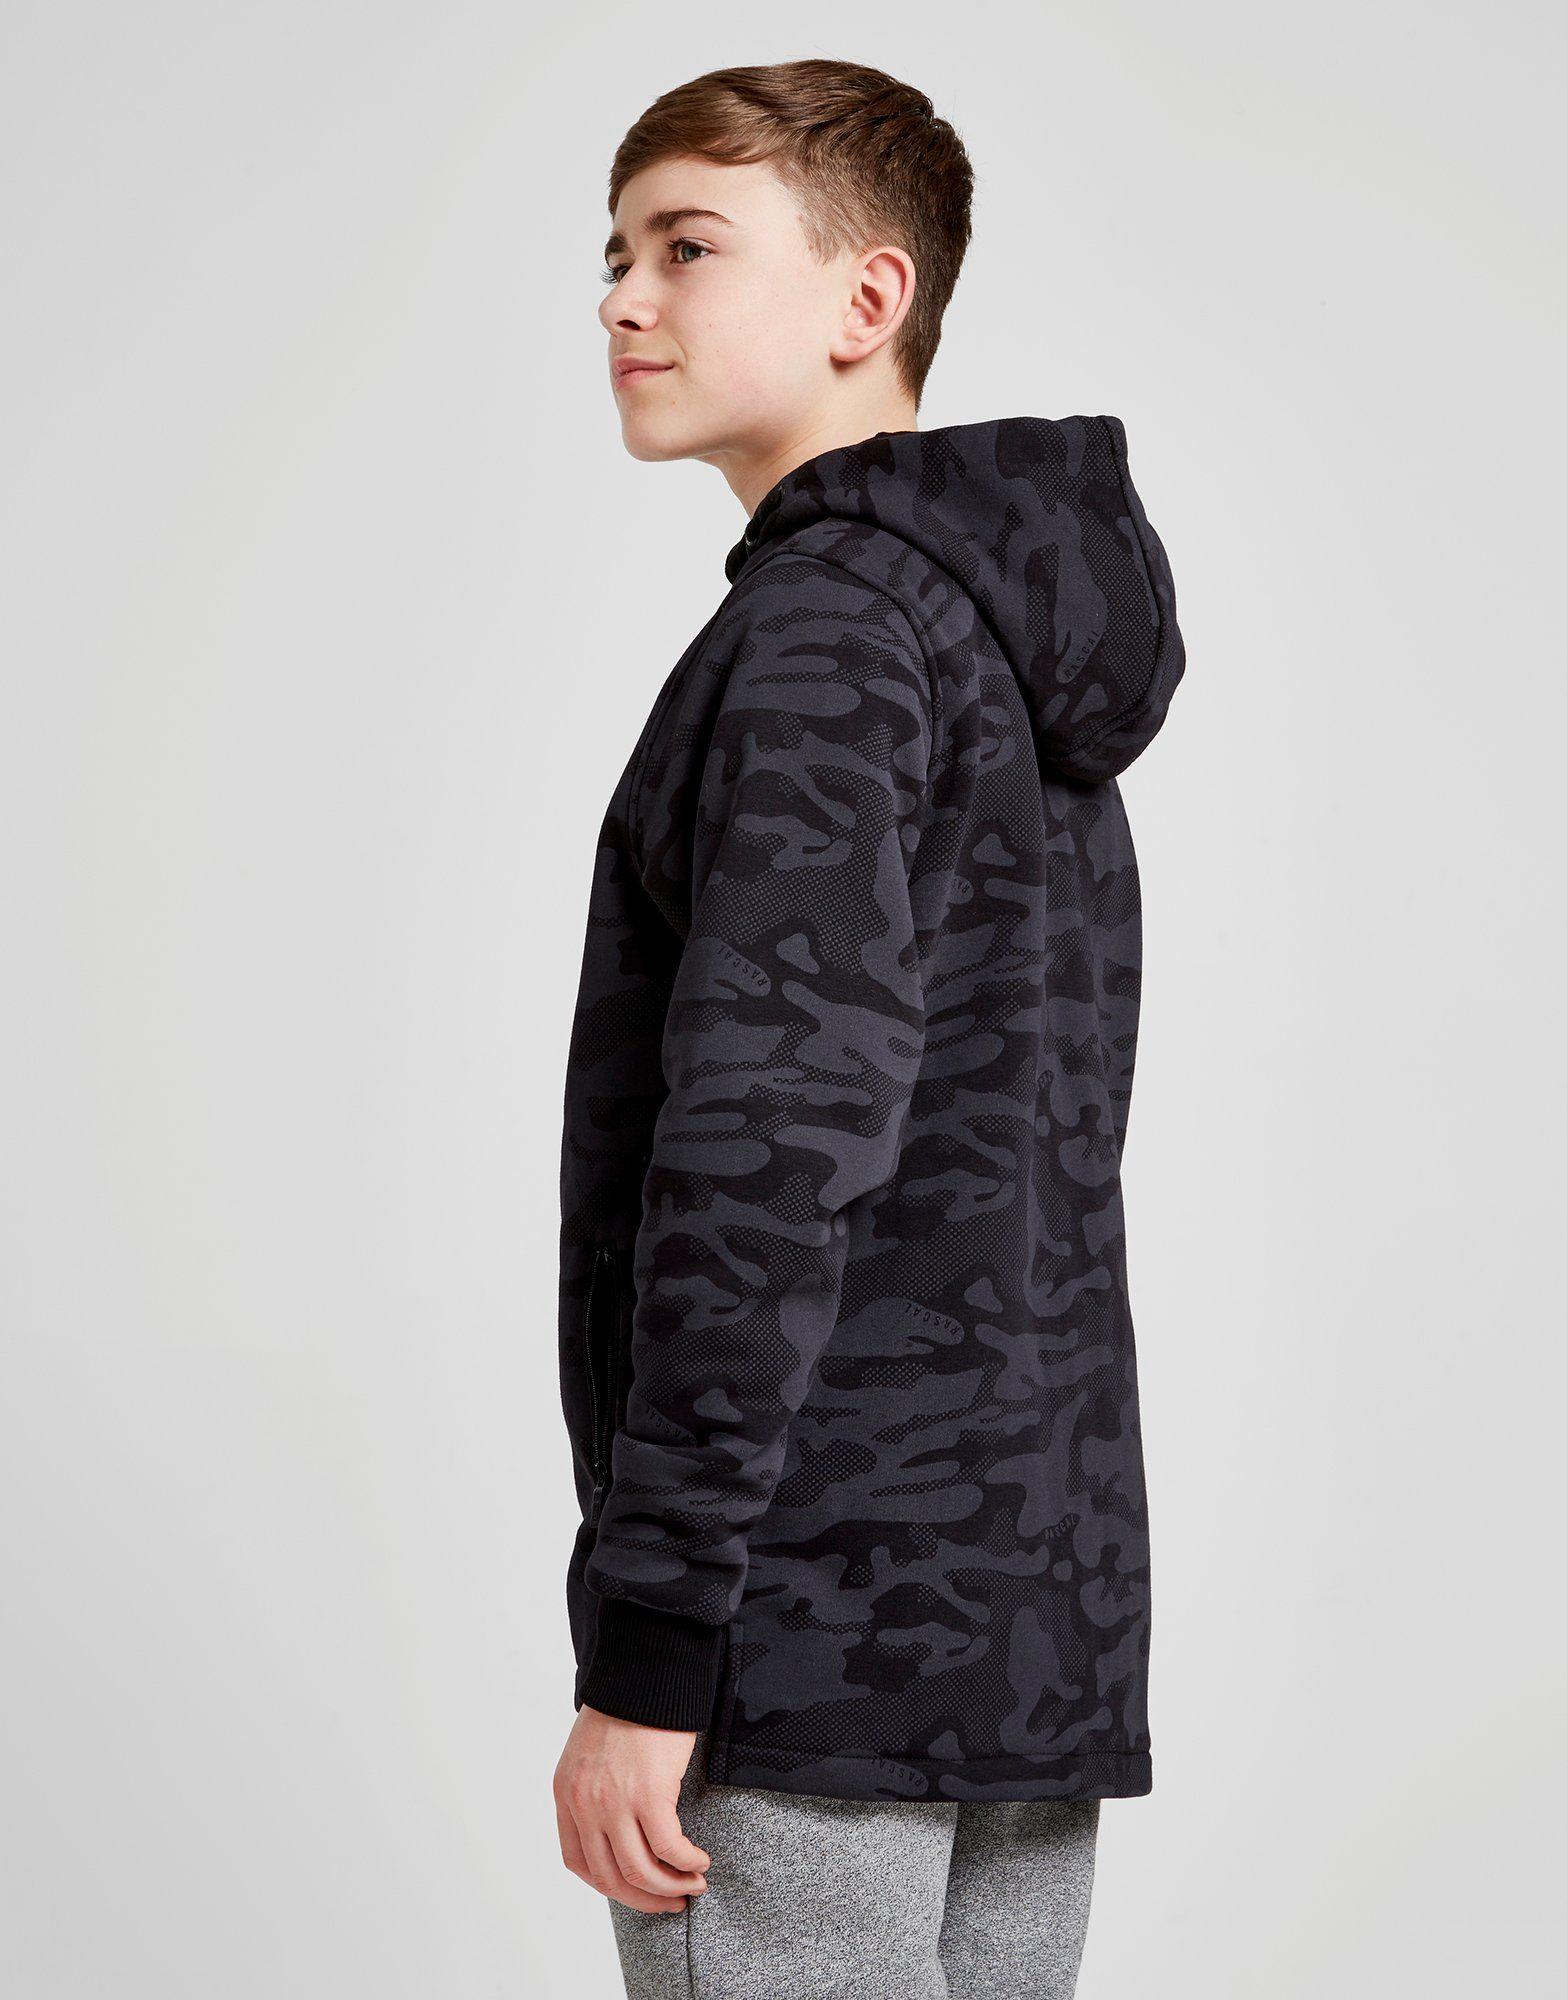 Rascal Veste zippée à capuche Eclipse All Over Print Camo Junior